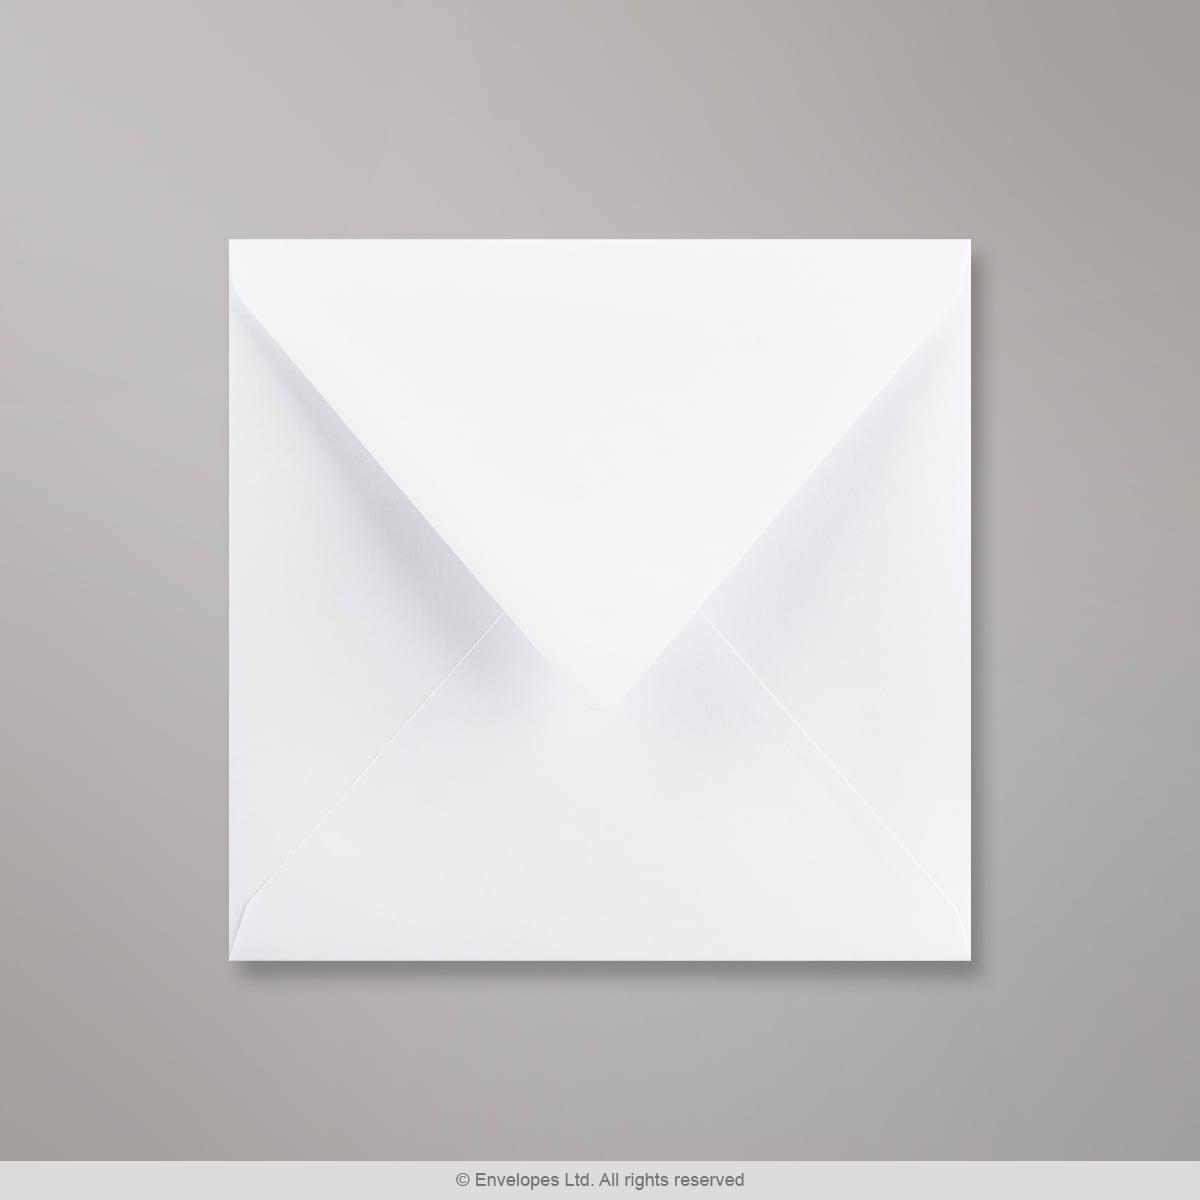 Babulky, otázka :-) Obálky obyčajné biele 15,5x15,5 cm za dobrú cenu? Nájdem niekde? Ďakujem :-) - Obrázok č. 1